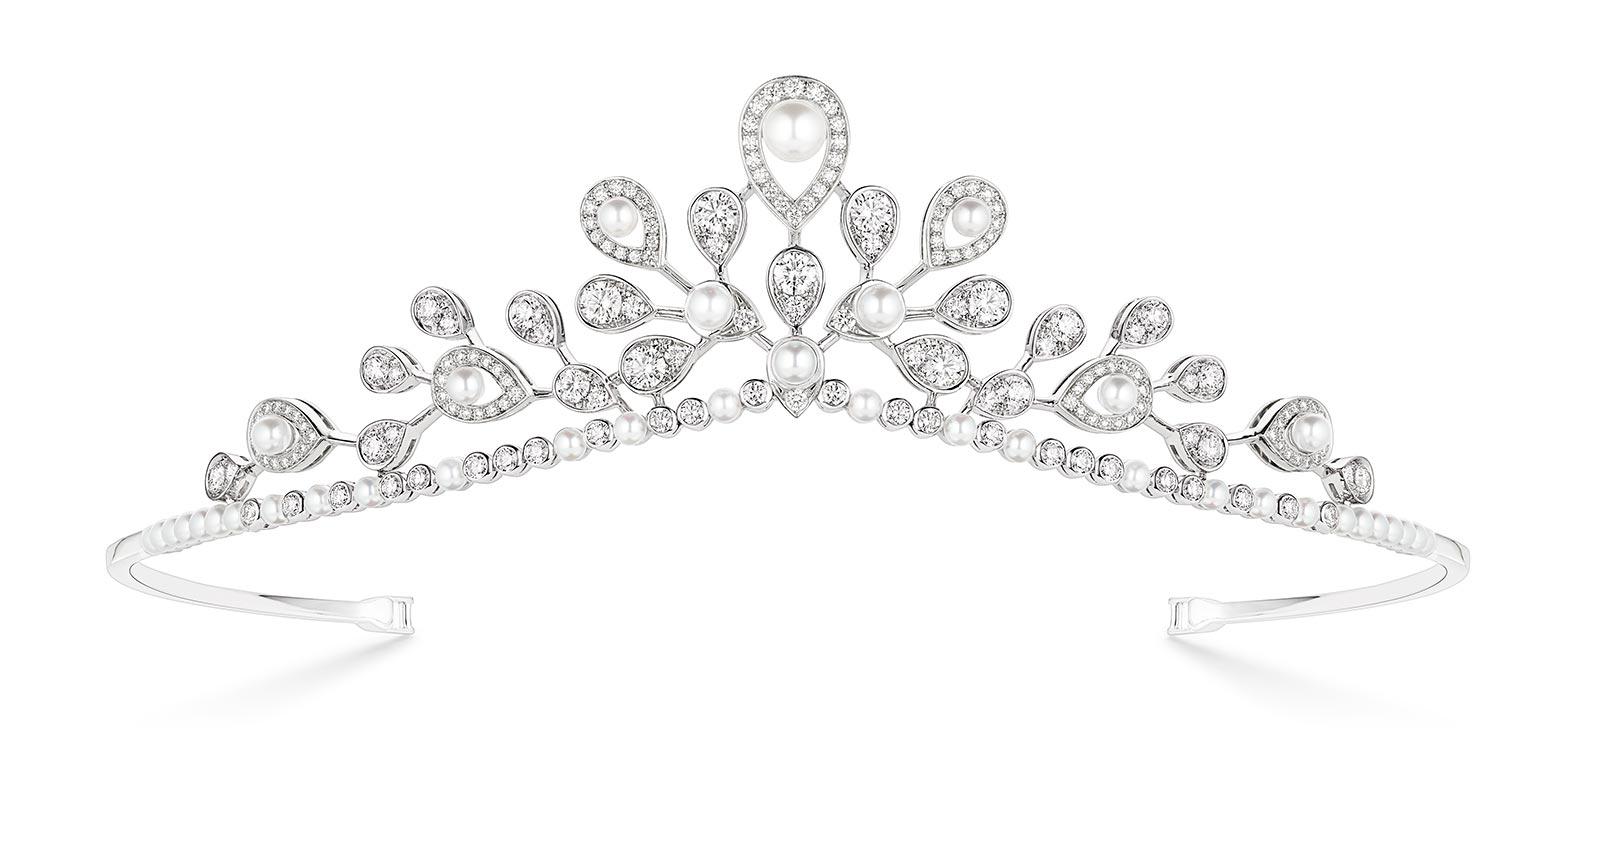 Chaumet Alta Gioielleria: Josephine Aigrette Imperiale Diadema